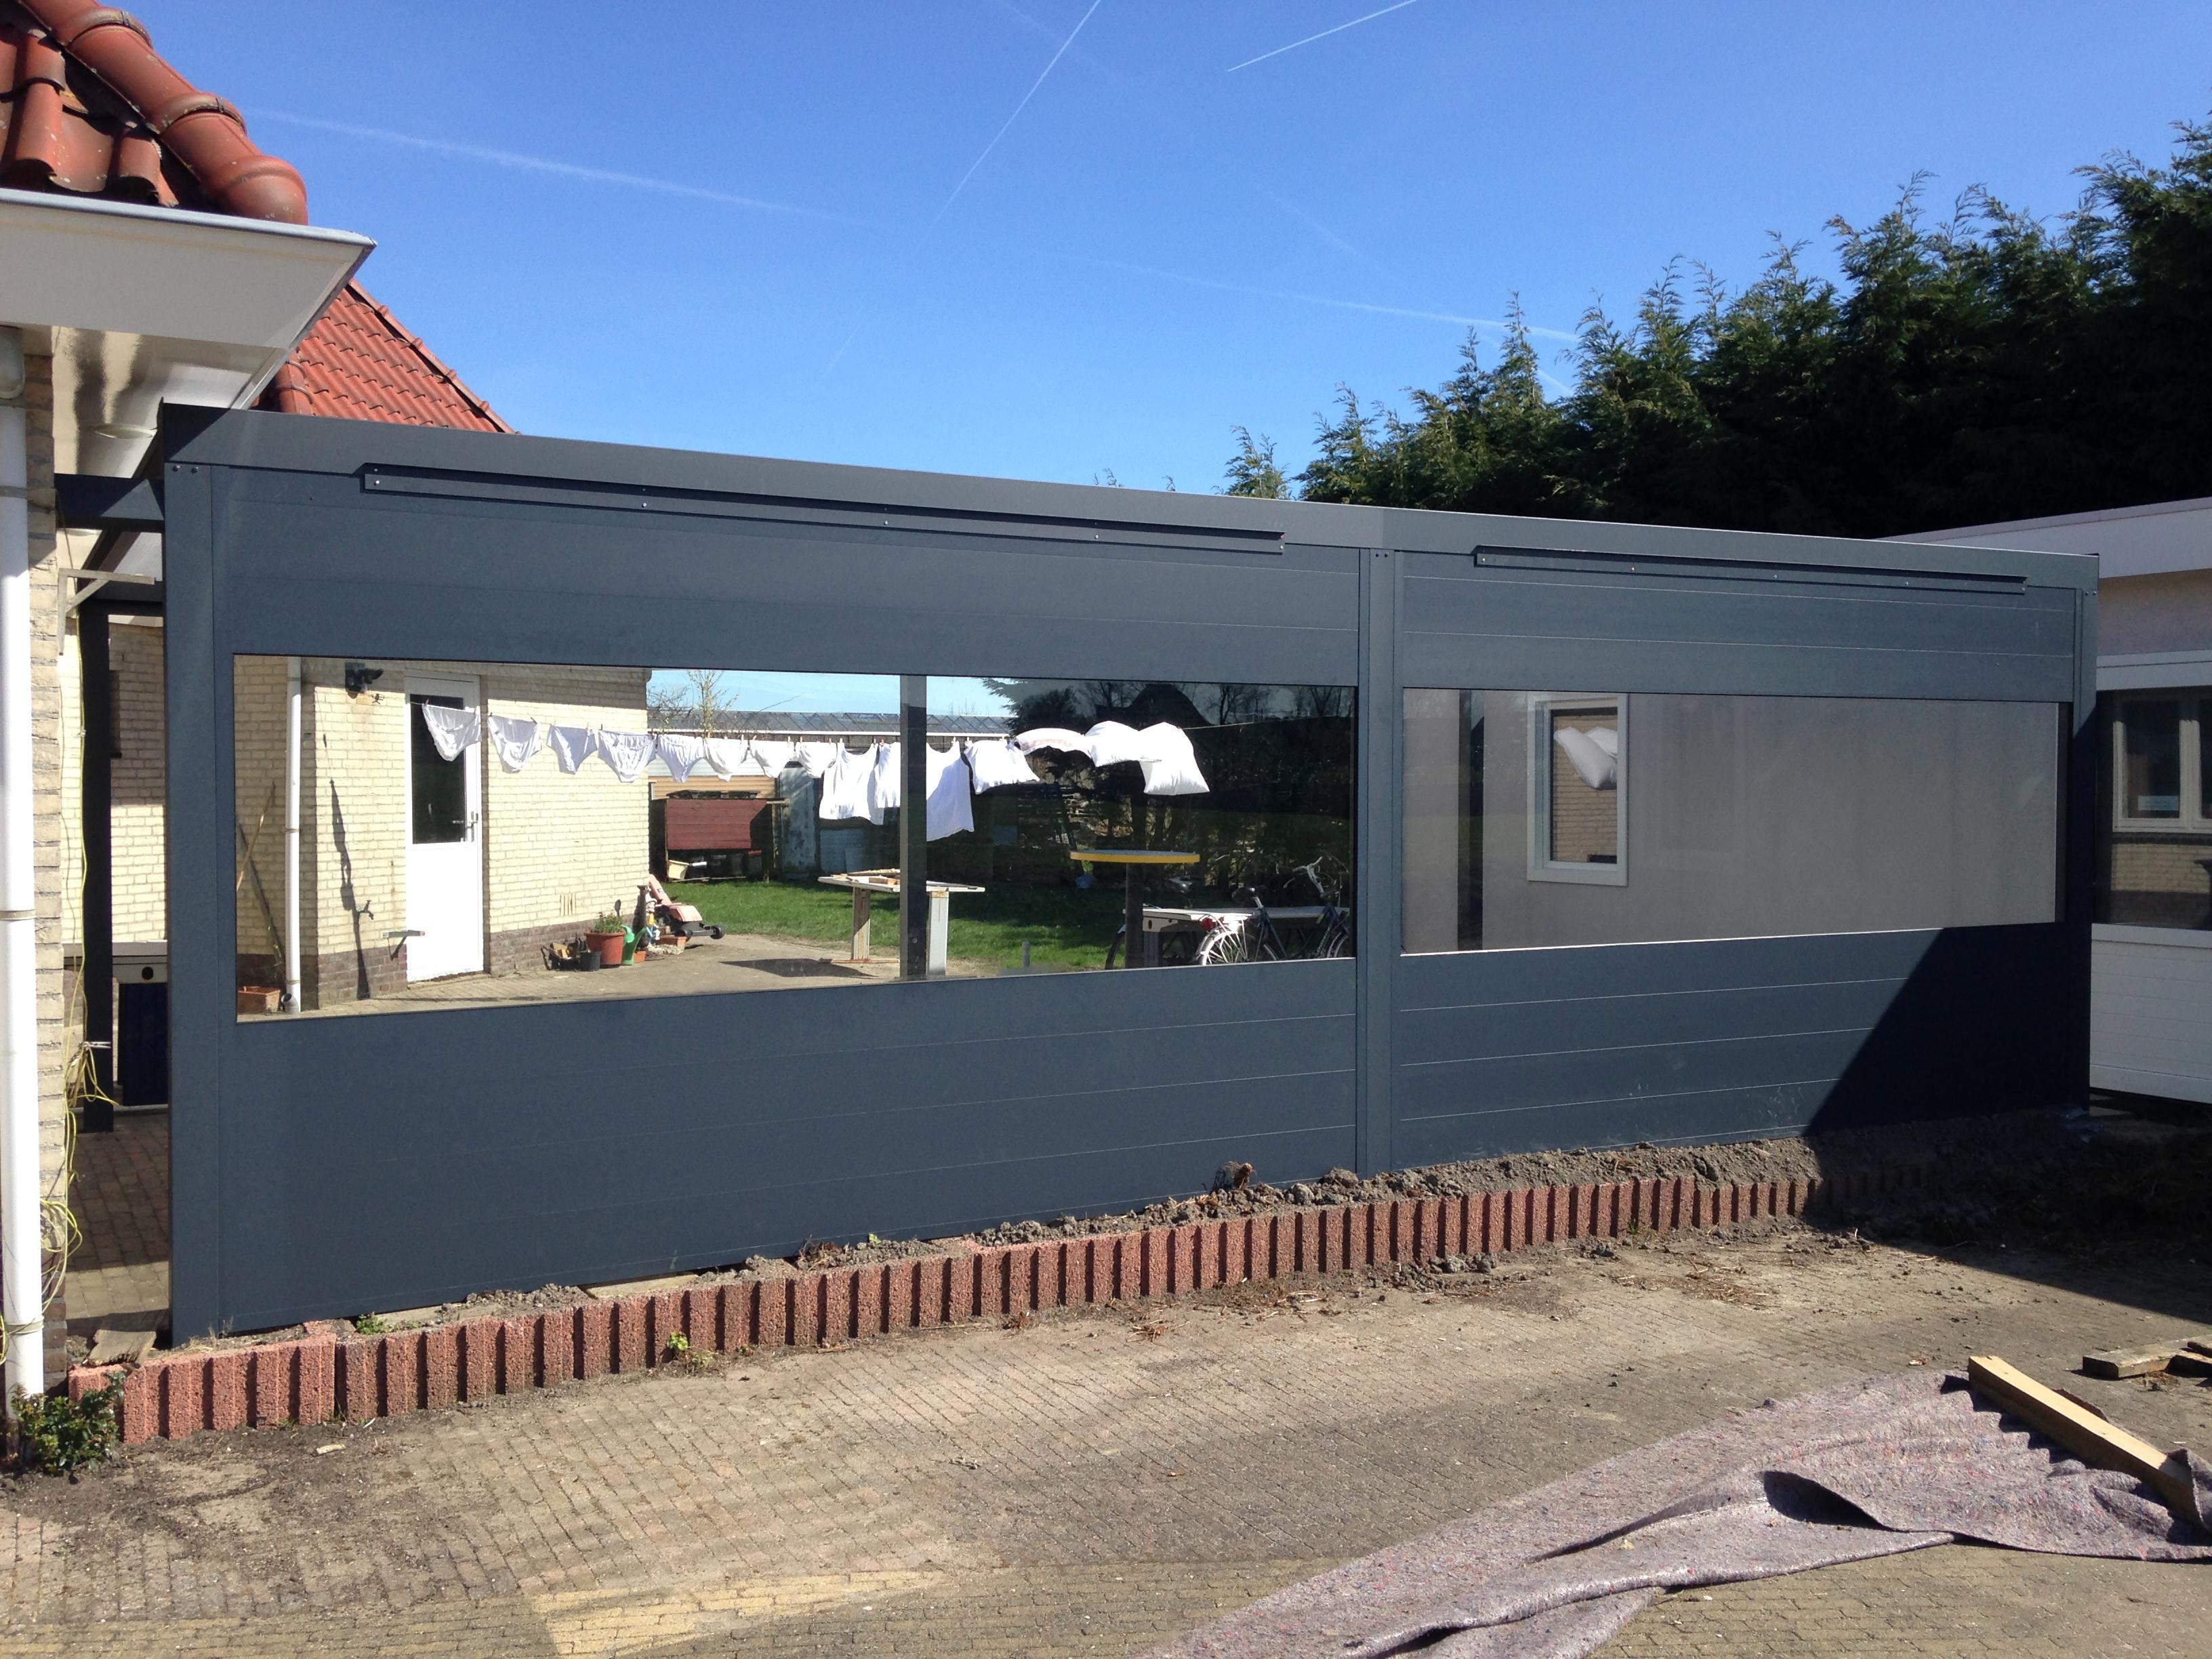 Vrijstaande veranda 795×350 cm met glasvenster in achterwand Heerhugowaard